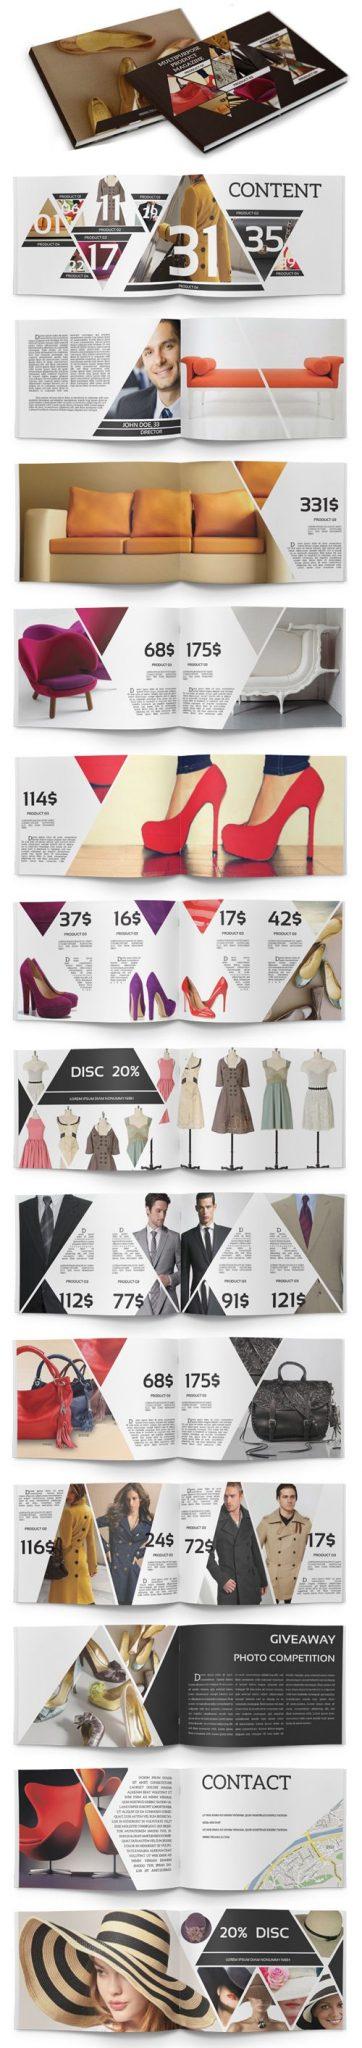 brochure-design-2014-04